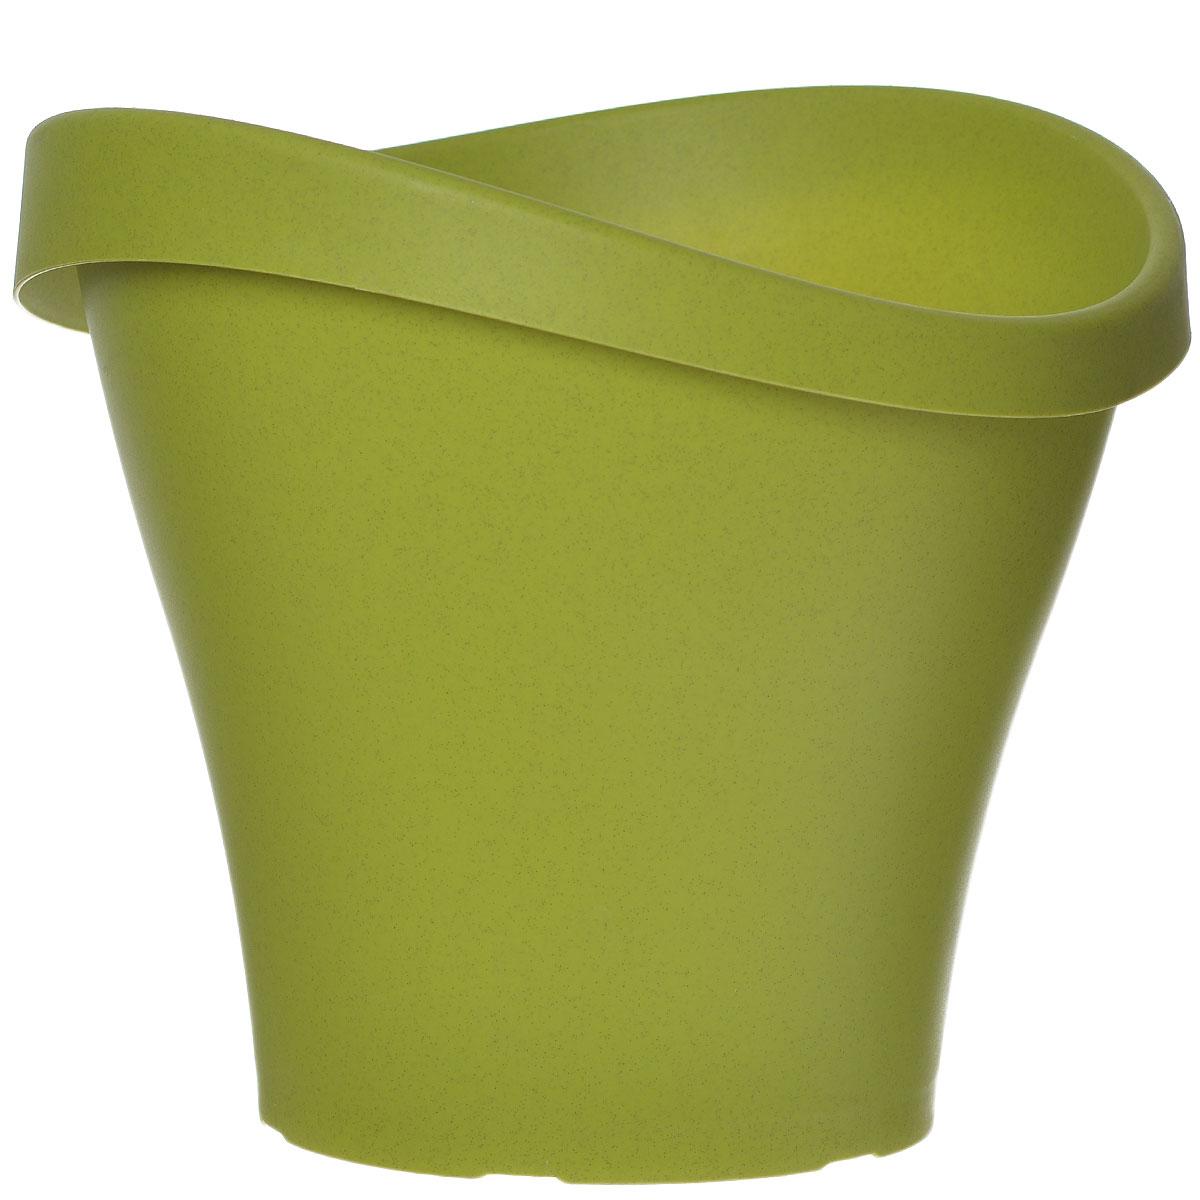 Кашпо для цветов Scheurich, цвет: натуральный зеленый, 10 л53084SКашпо для цветов Scheurich выполнено из прочного пластика. Изделие предназначено для установки внутрь цветочных горшков с растениями. Такие изделия часто становятся последним штрихом, который совершенно изменяет интерьер помещения или ландшафтный дизайн сада. Благодаря такому кашпо вы сможете украсить вашу комнату, офис, сад и другие места. Размер: 33 см х 33 см х 30 см. Объем: 10 л.